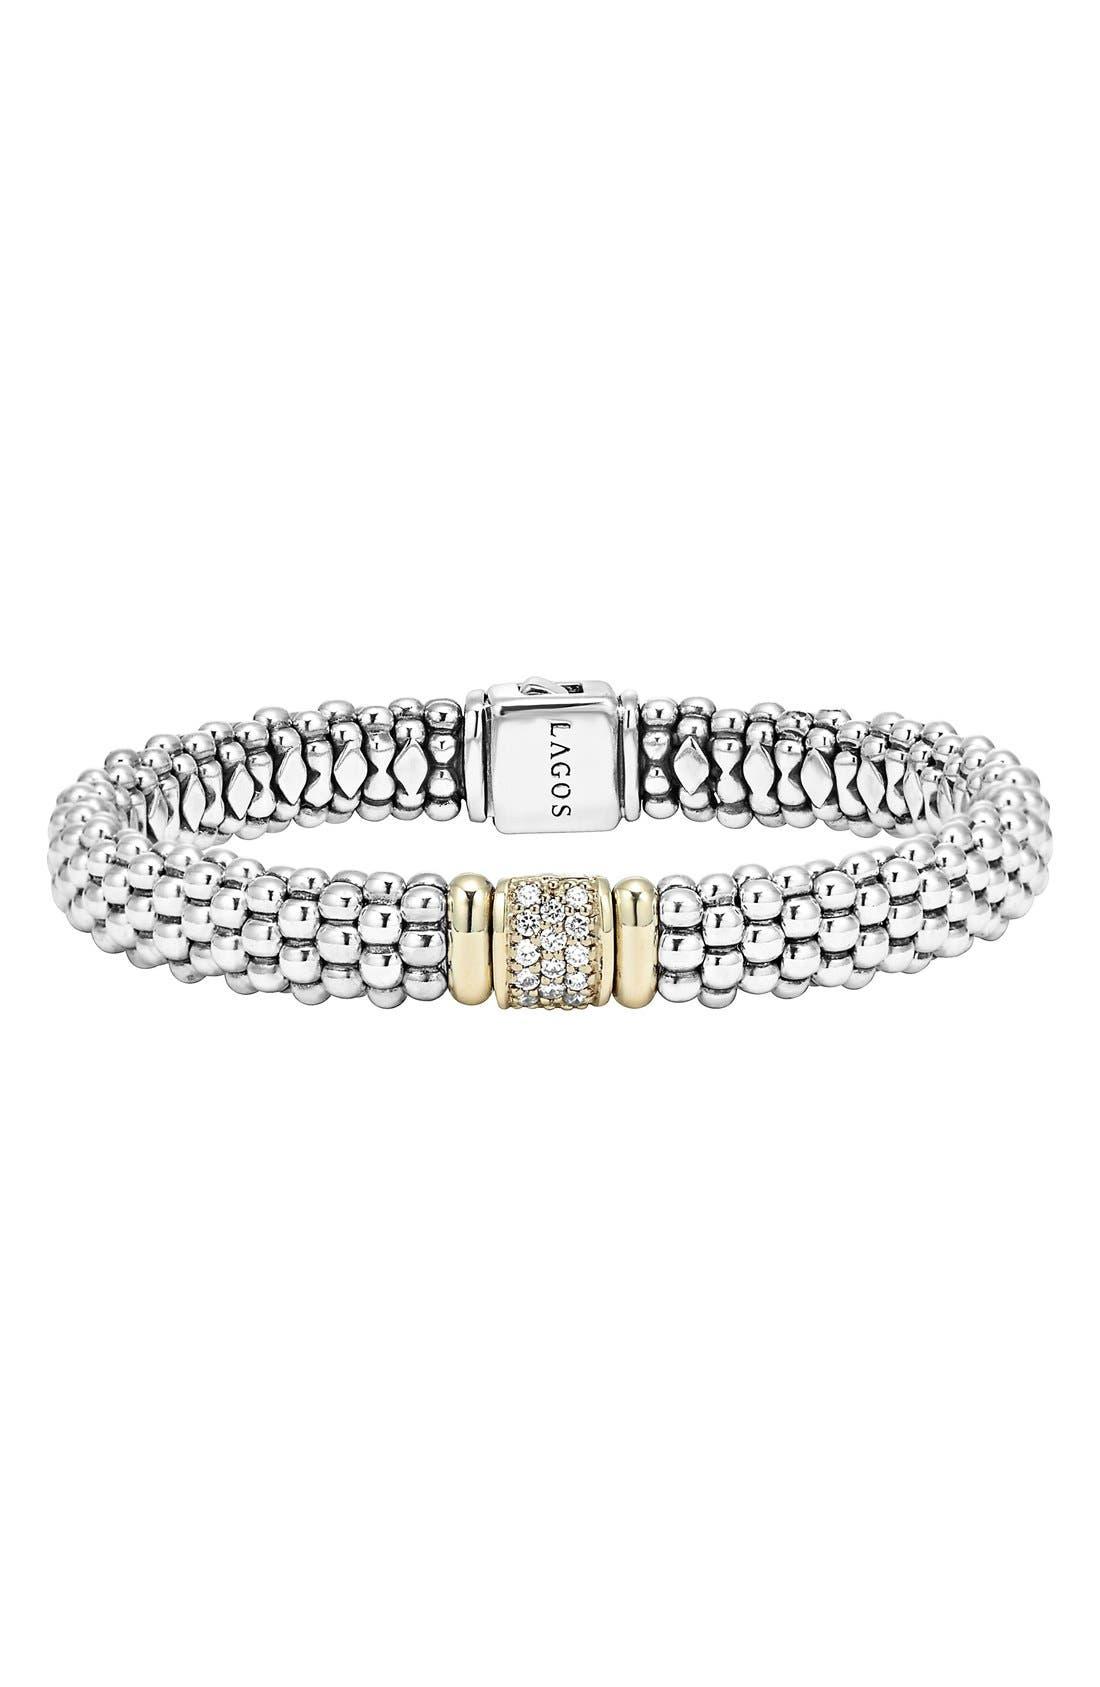 Main Image - LAGOS Diamond & Caviar Station Bracelet